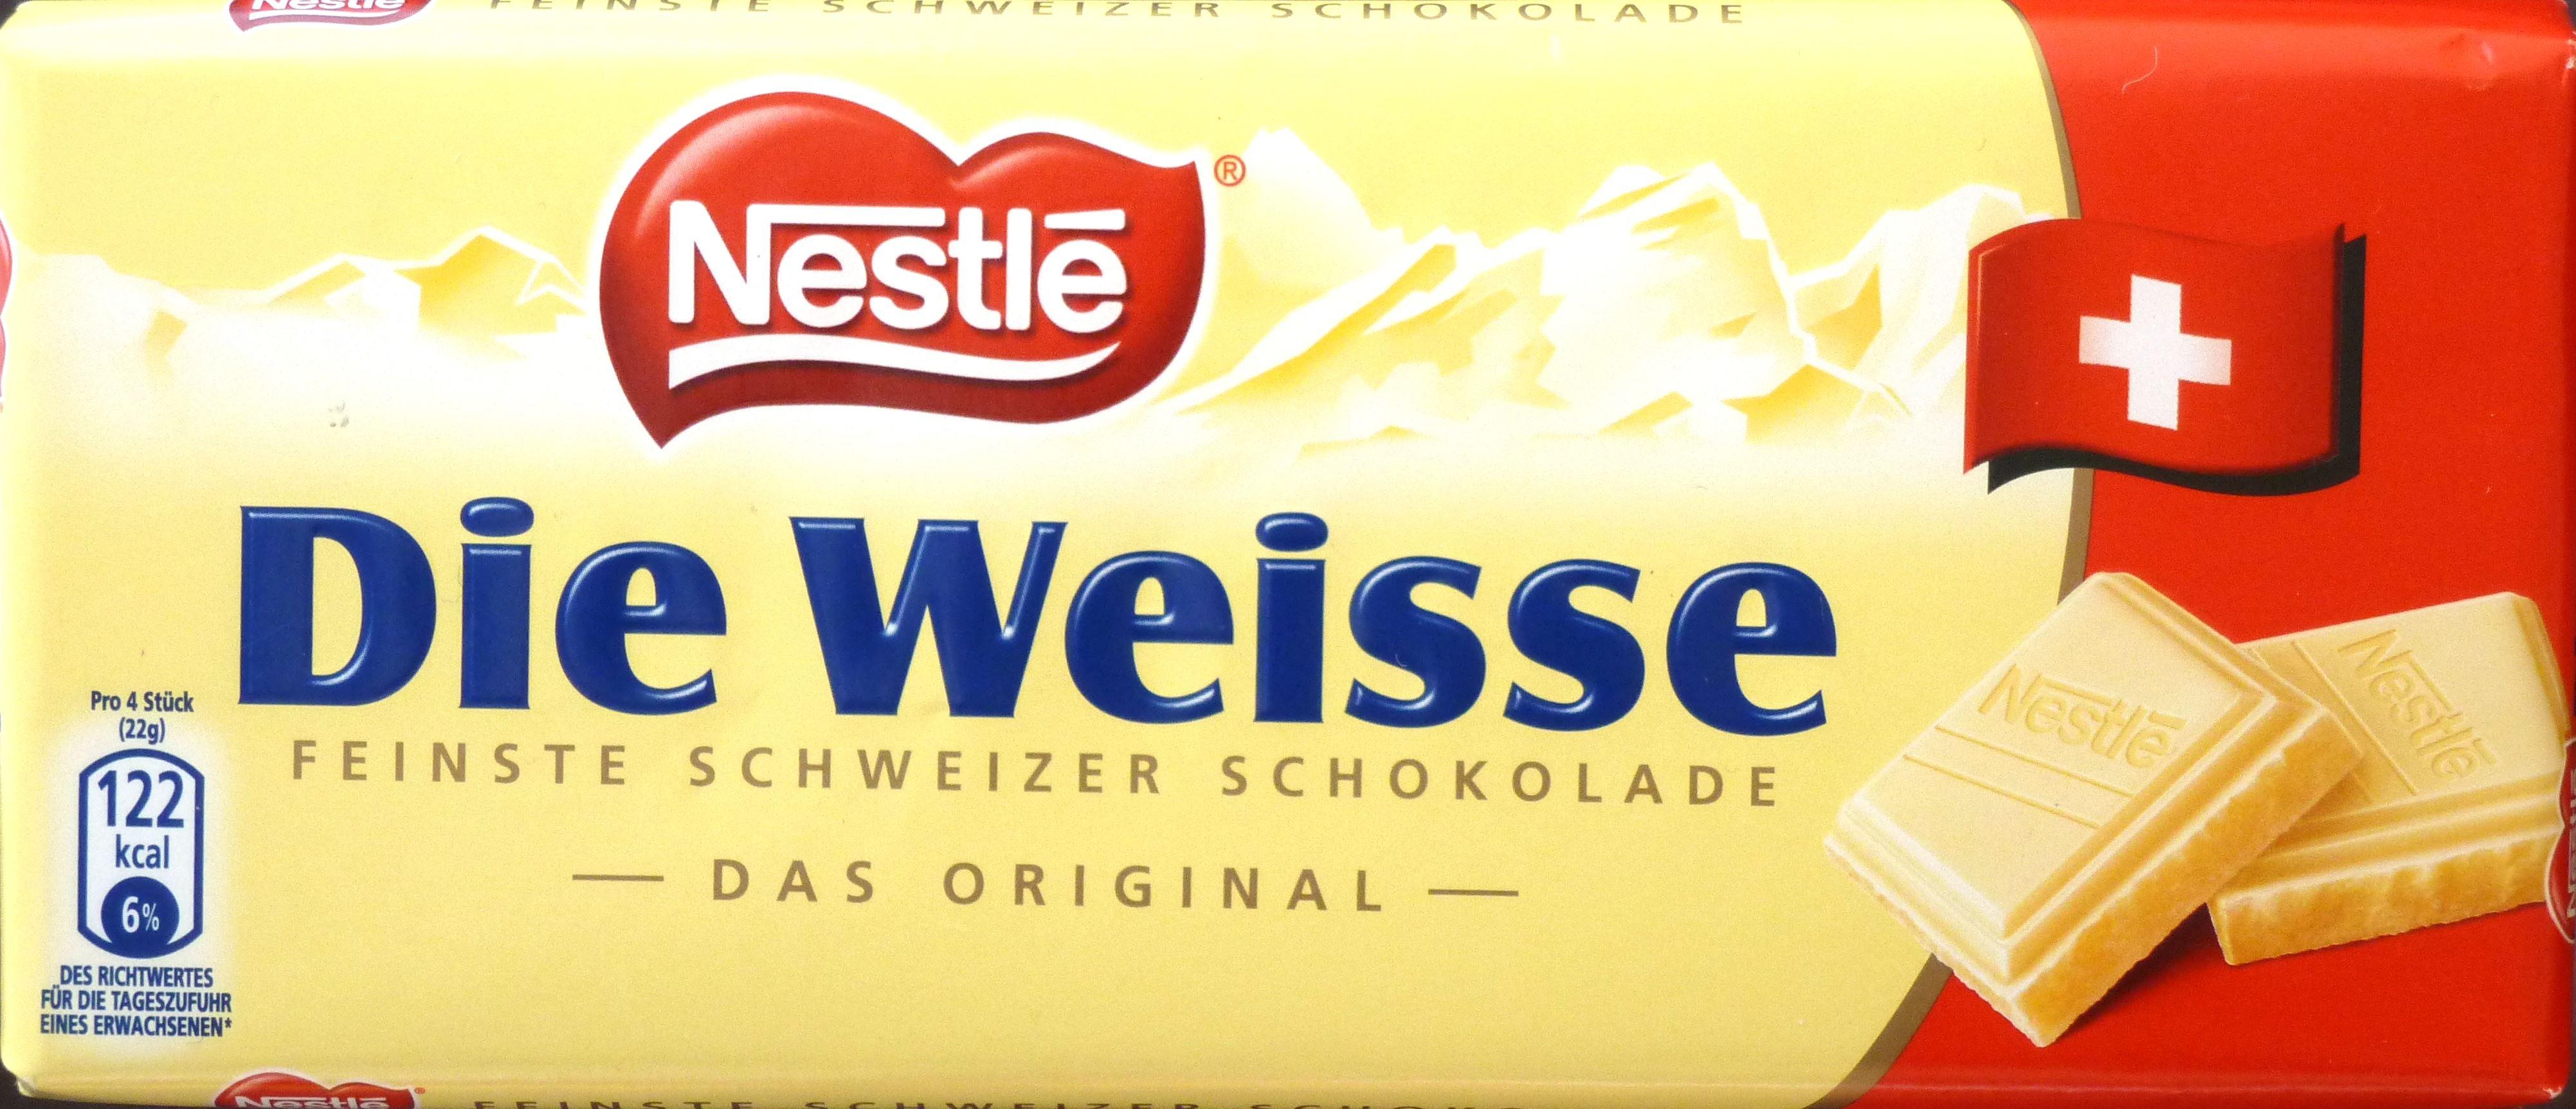 Nestlés weiße Schweizer Schokolade